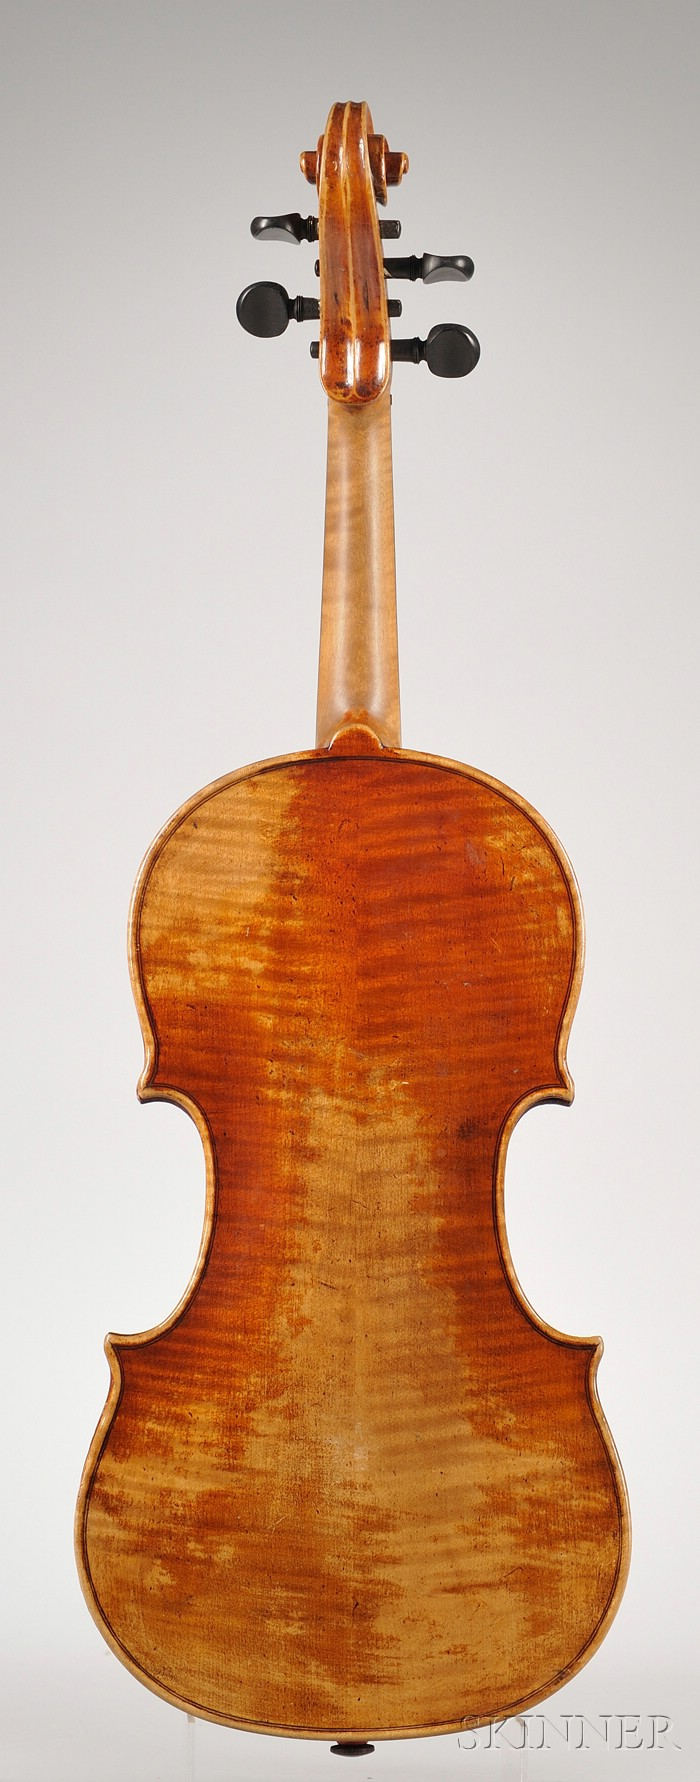 Markneukirchen Violin,  Wilhelm Durrschmidt Workshop, 1922